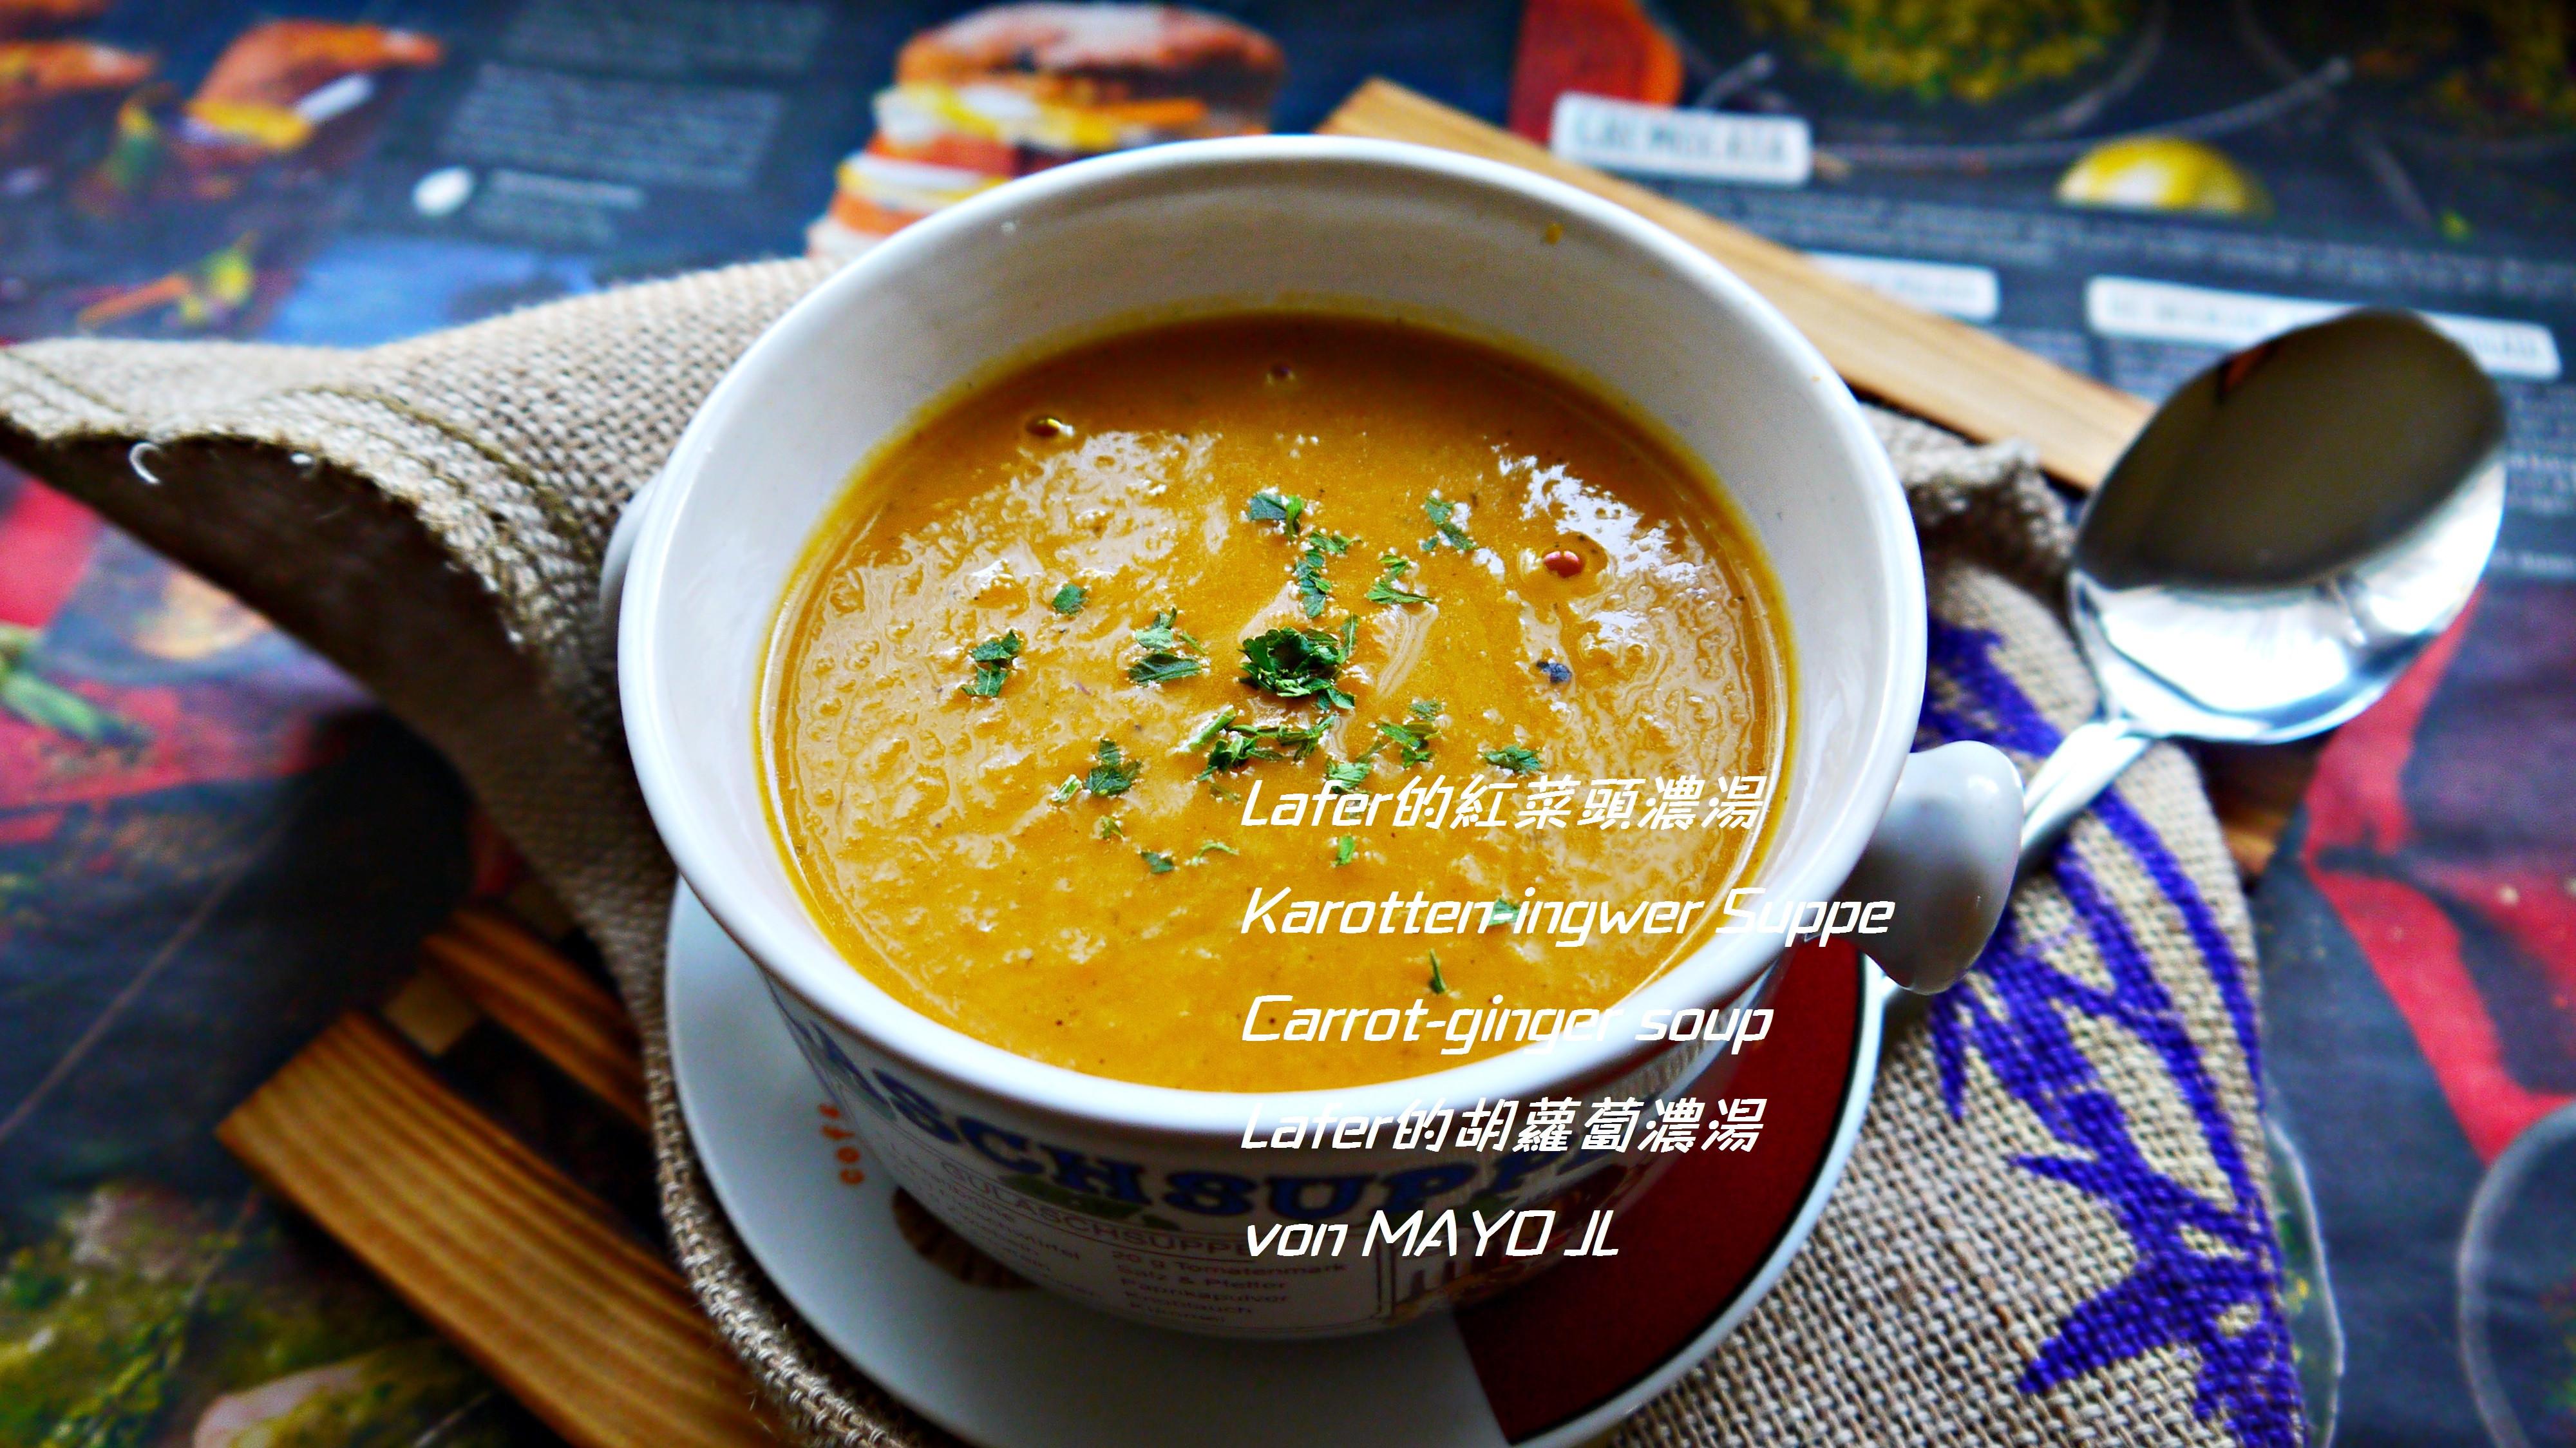 Lafer的紅菜頭濃湯